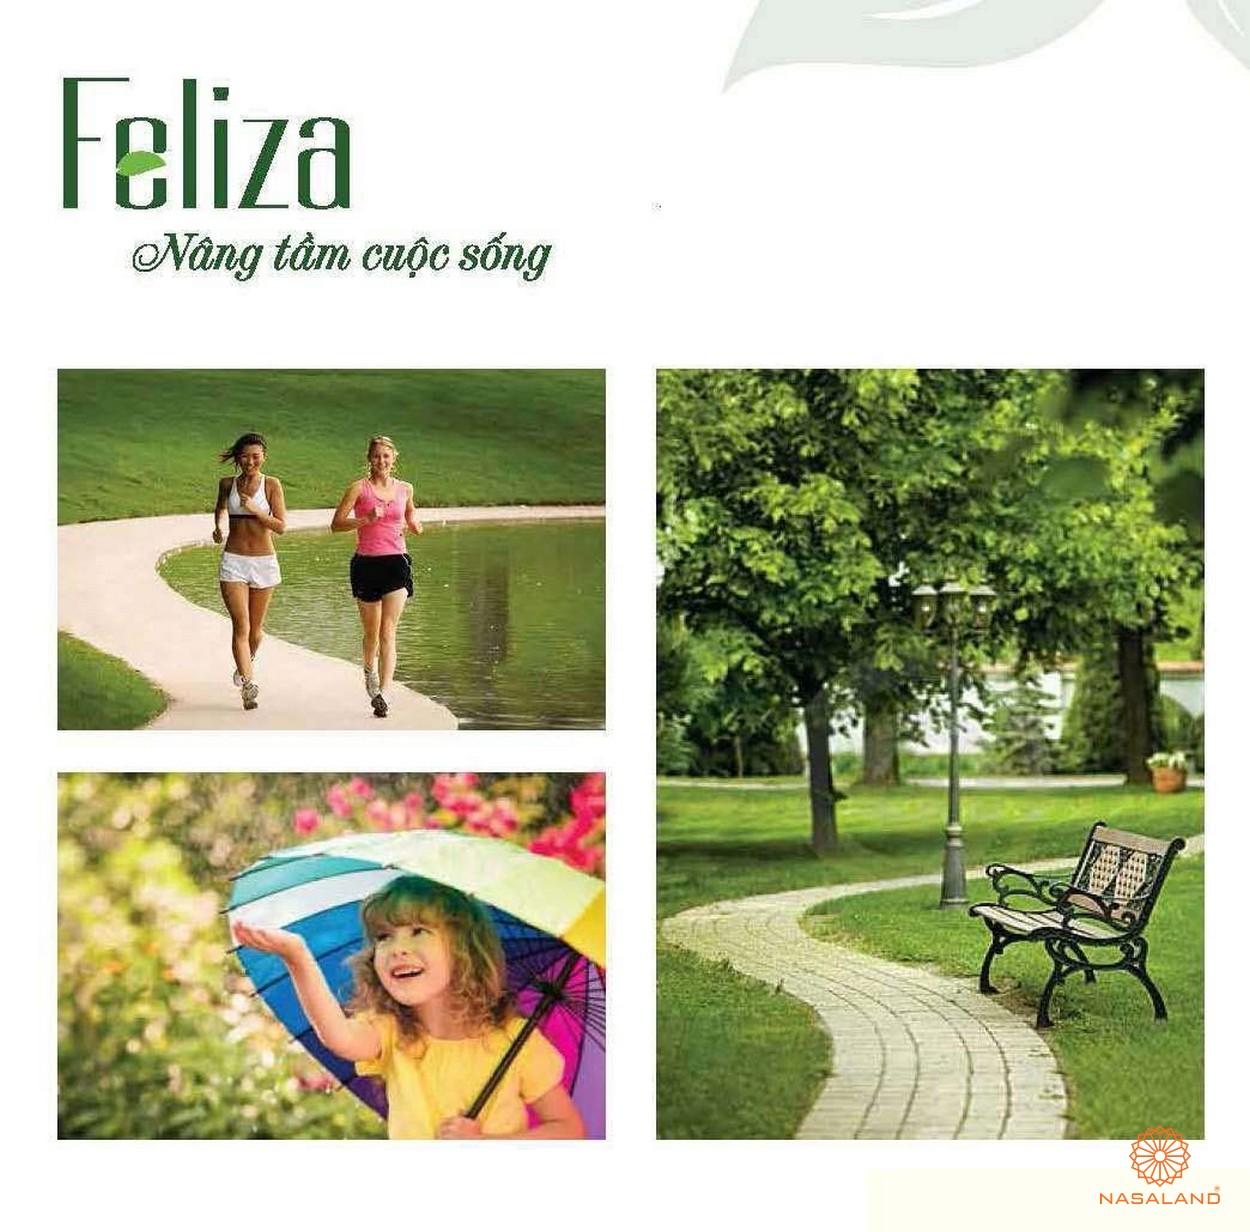 Tiện ích nội khu Feliza - đường chạy bộ ven sông